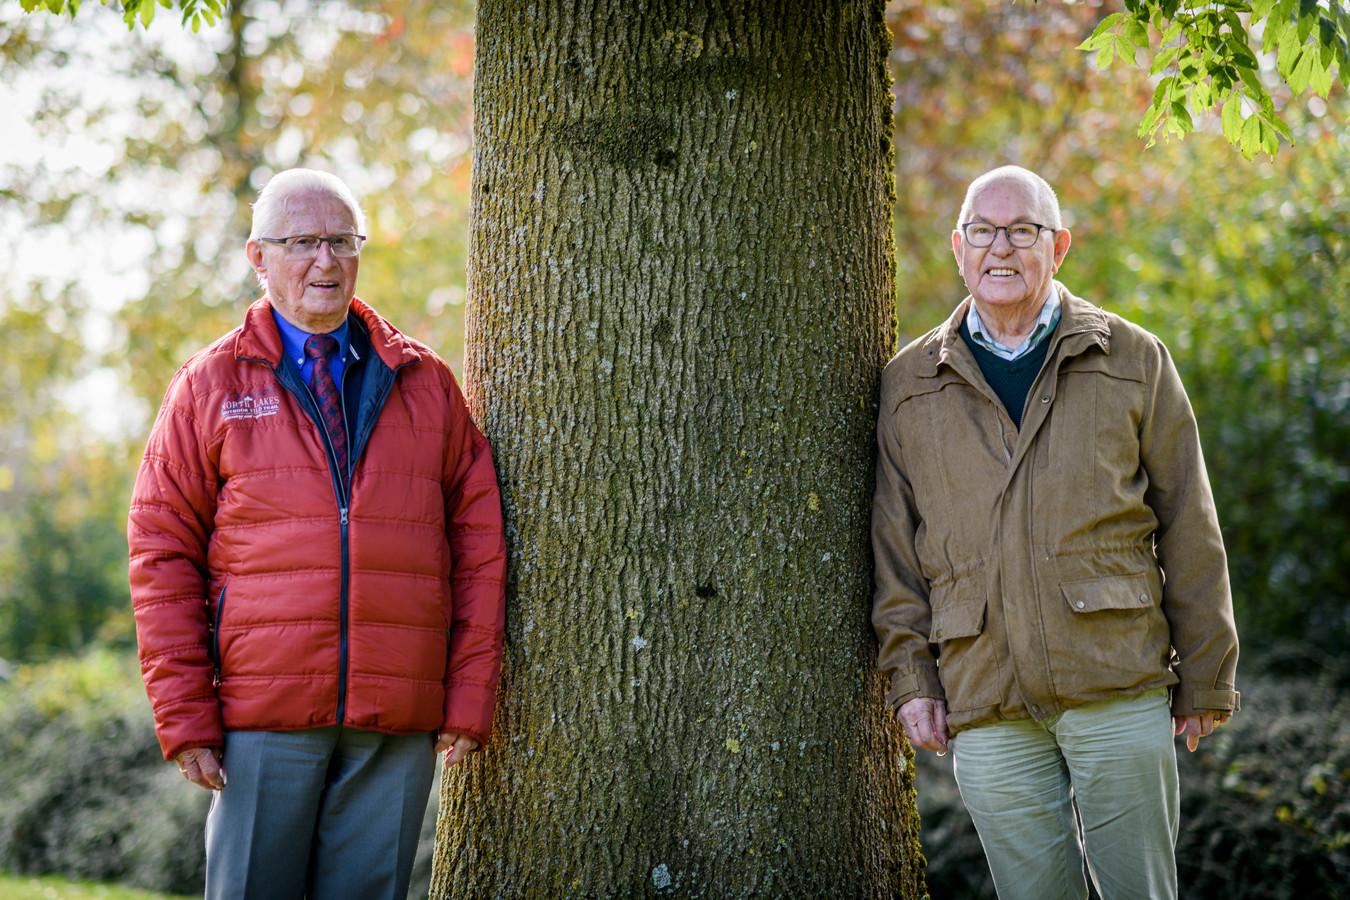 Geert Drent en Ad Nederlof (rode jas) zijn de twee mannen van het eerste uur van het Christelijk Mannenkoor Hengelo. Het koor houdt na 44 jaar op te bestaan.